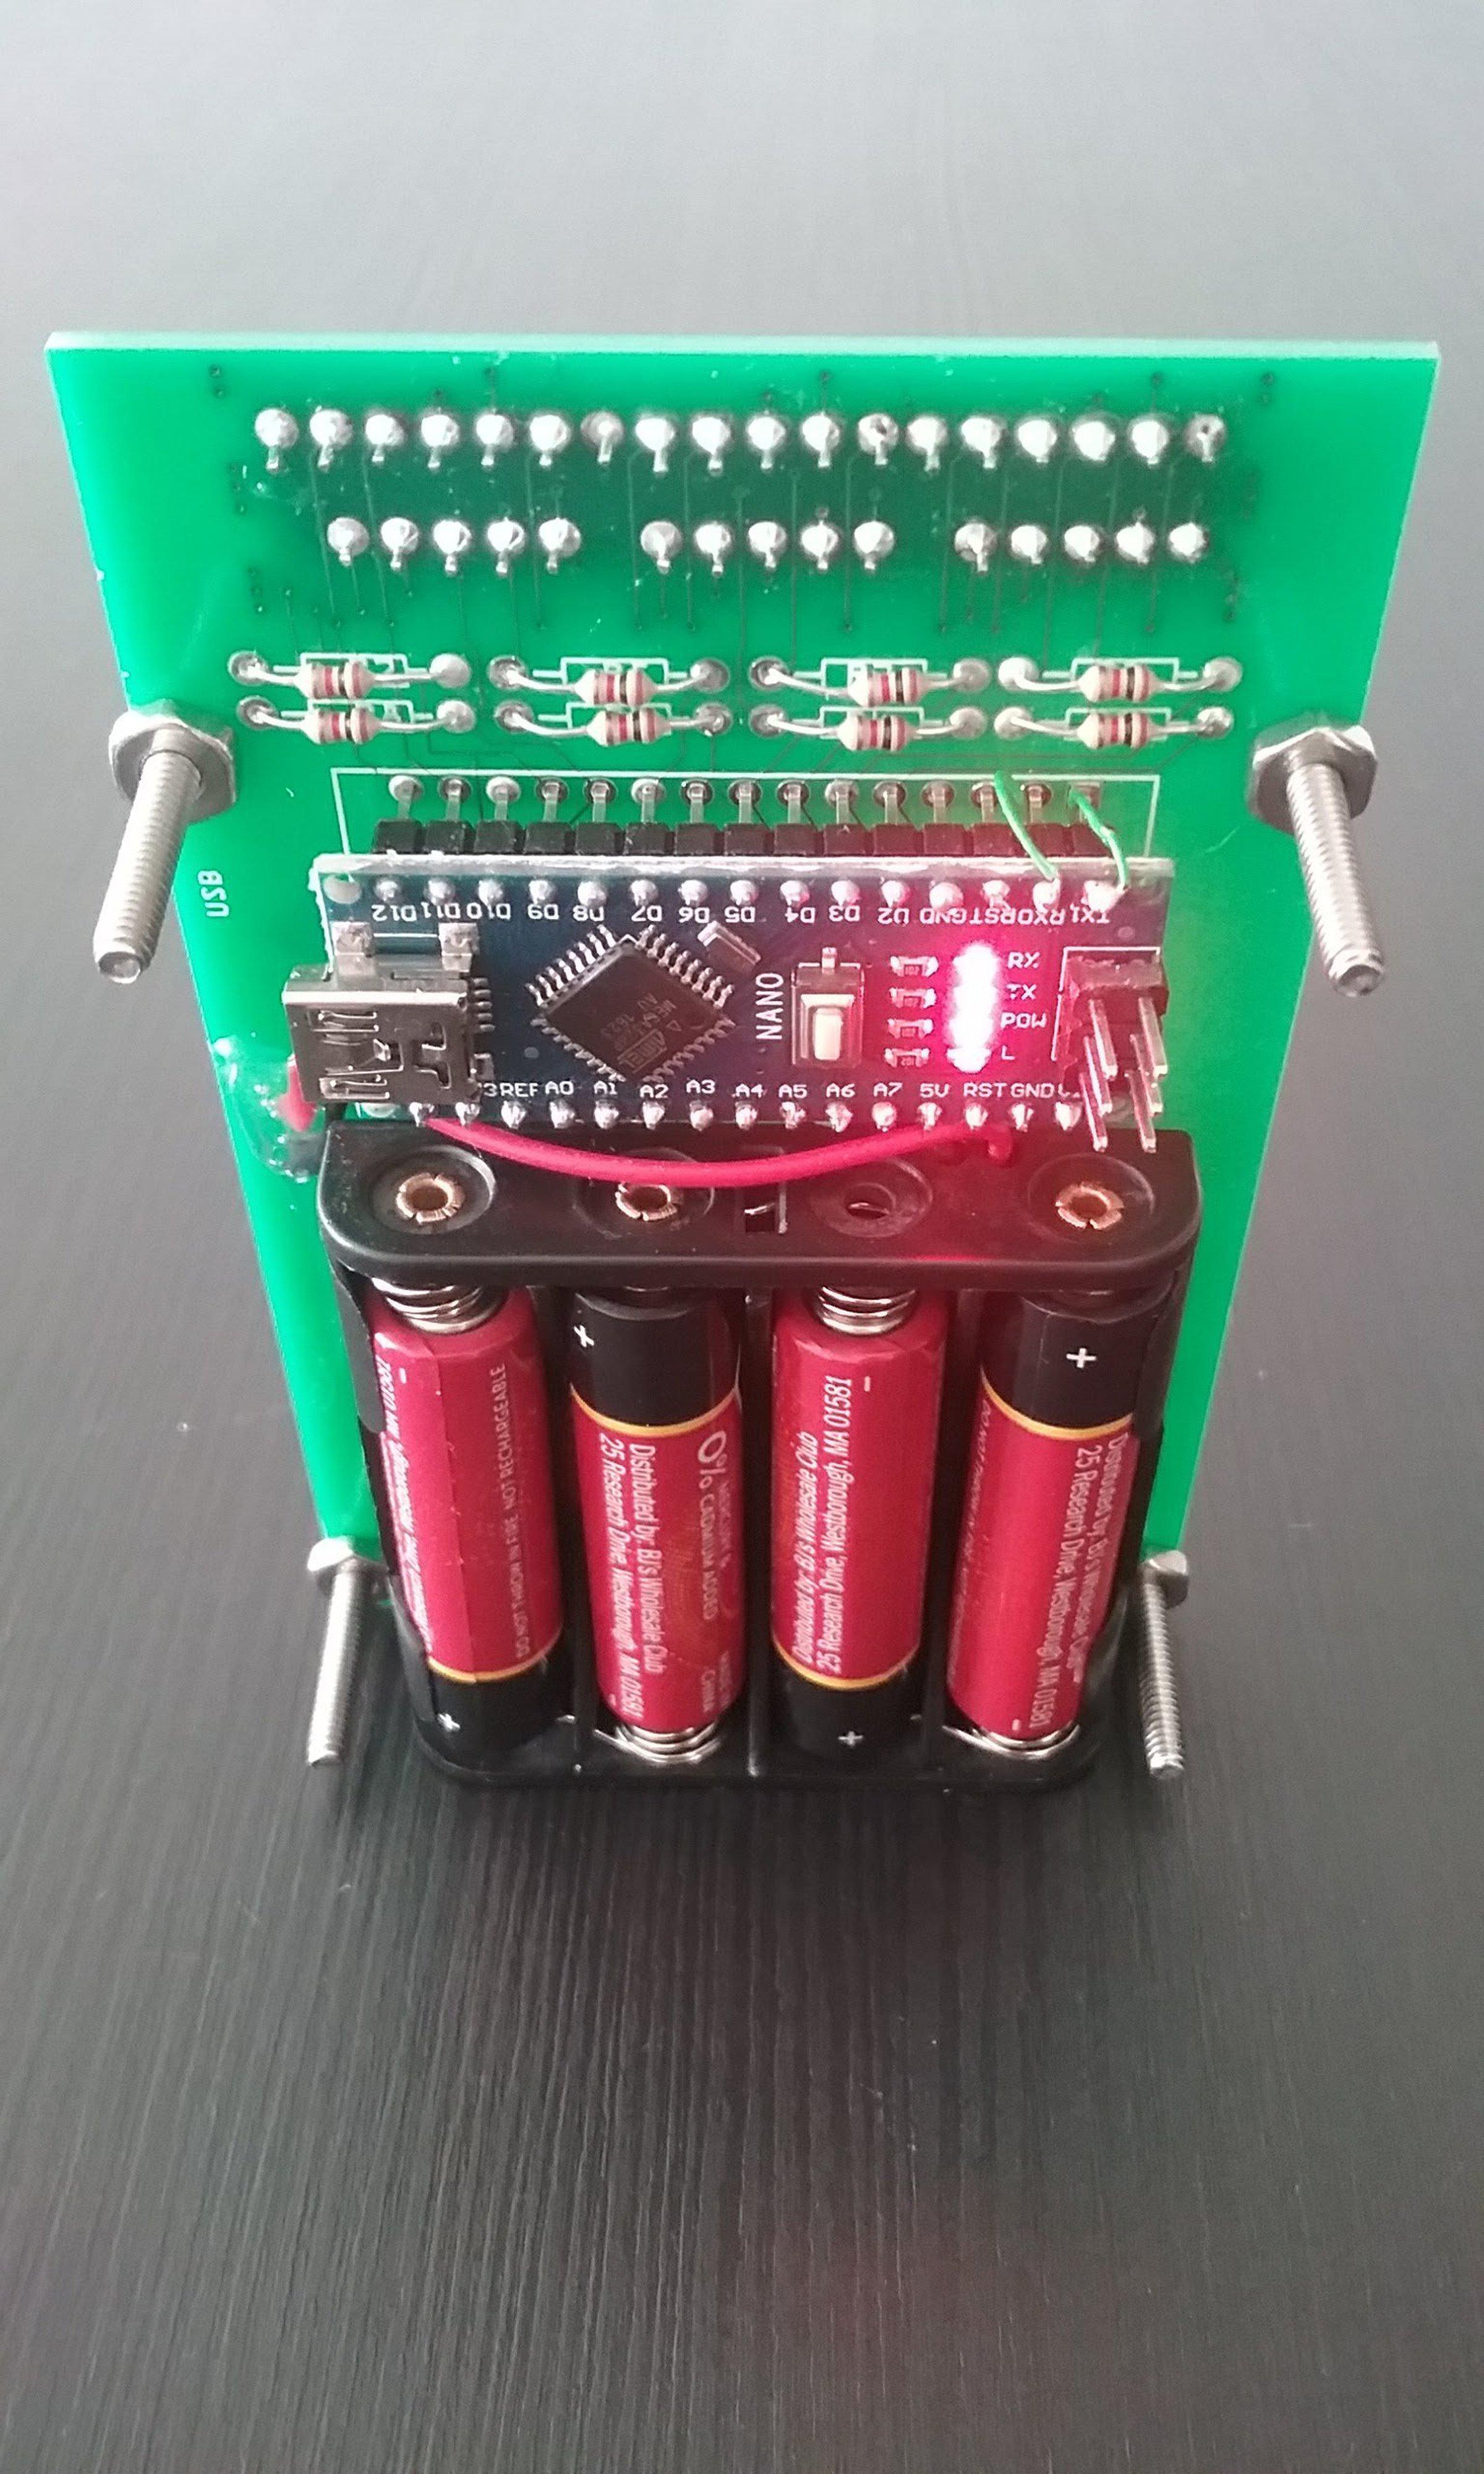 Sinclair scientific calculator emulator from arduino